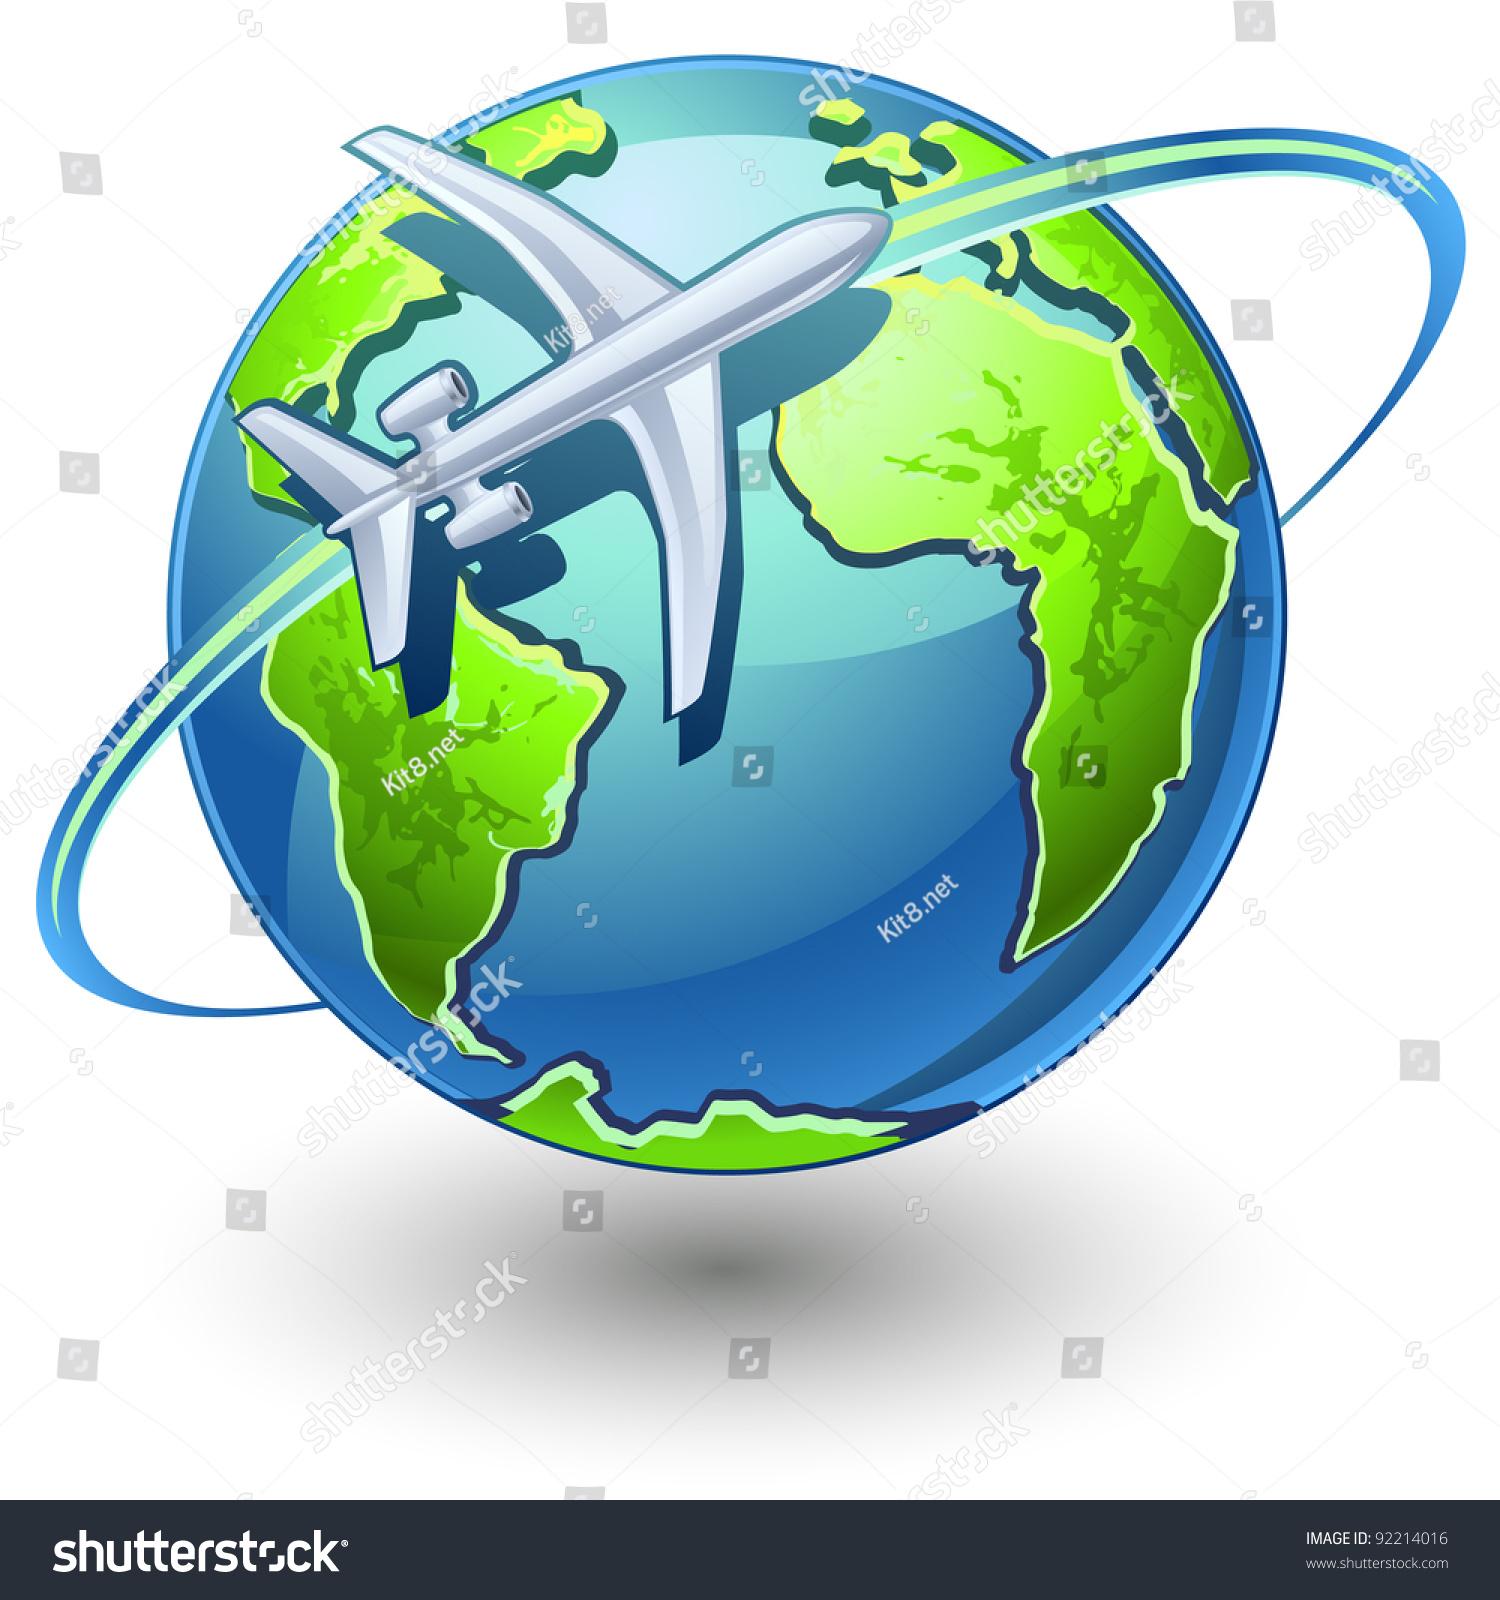 飞机飞行的矢量插图地球在白色背景上-交通运输,物体